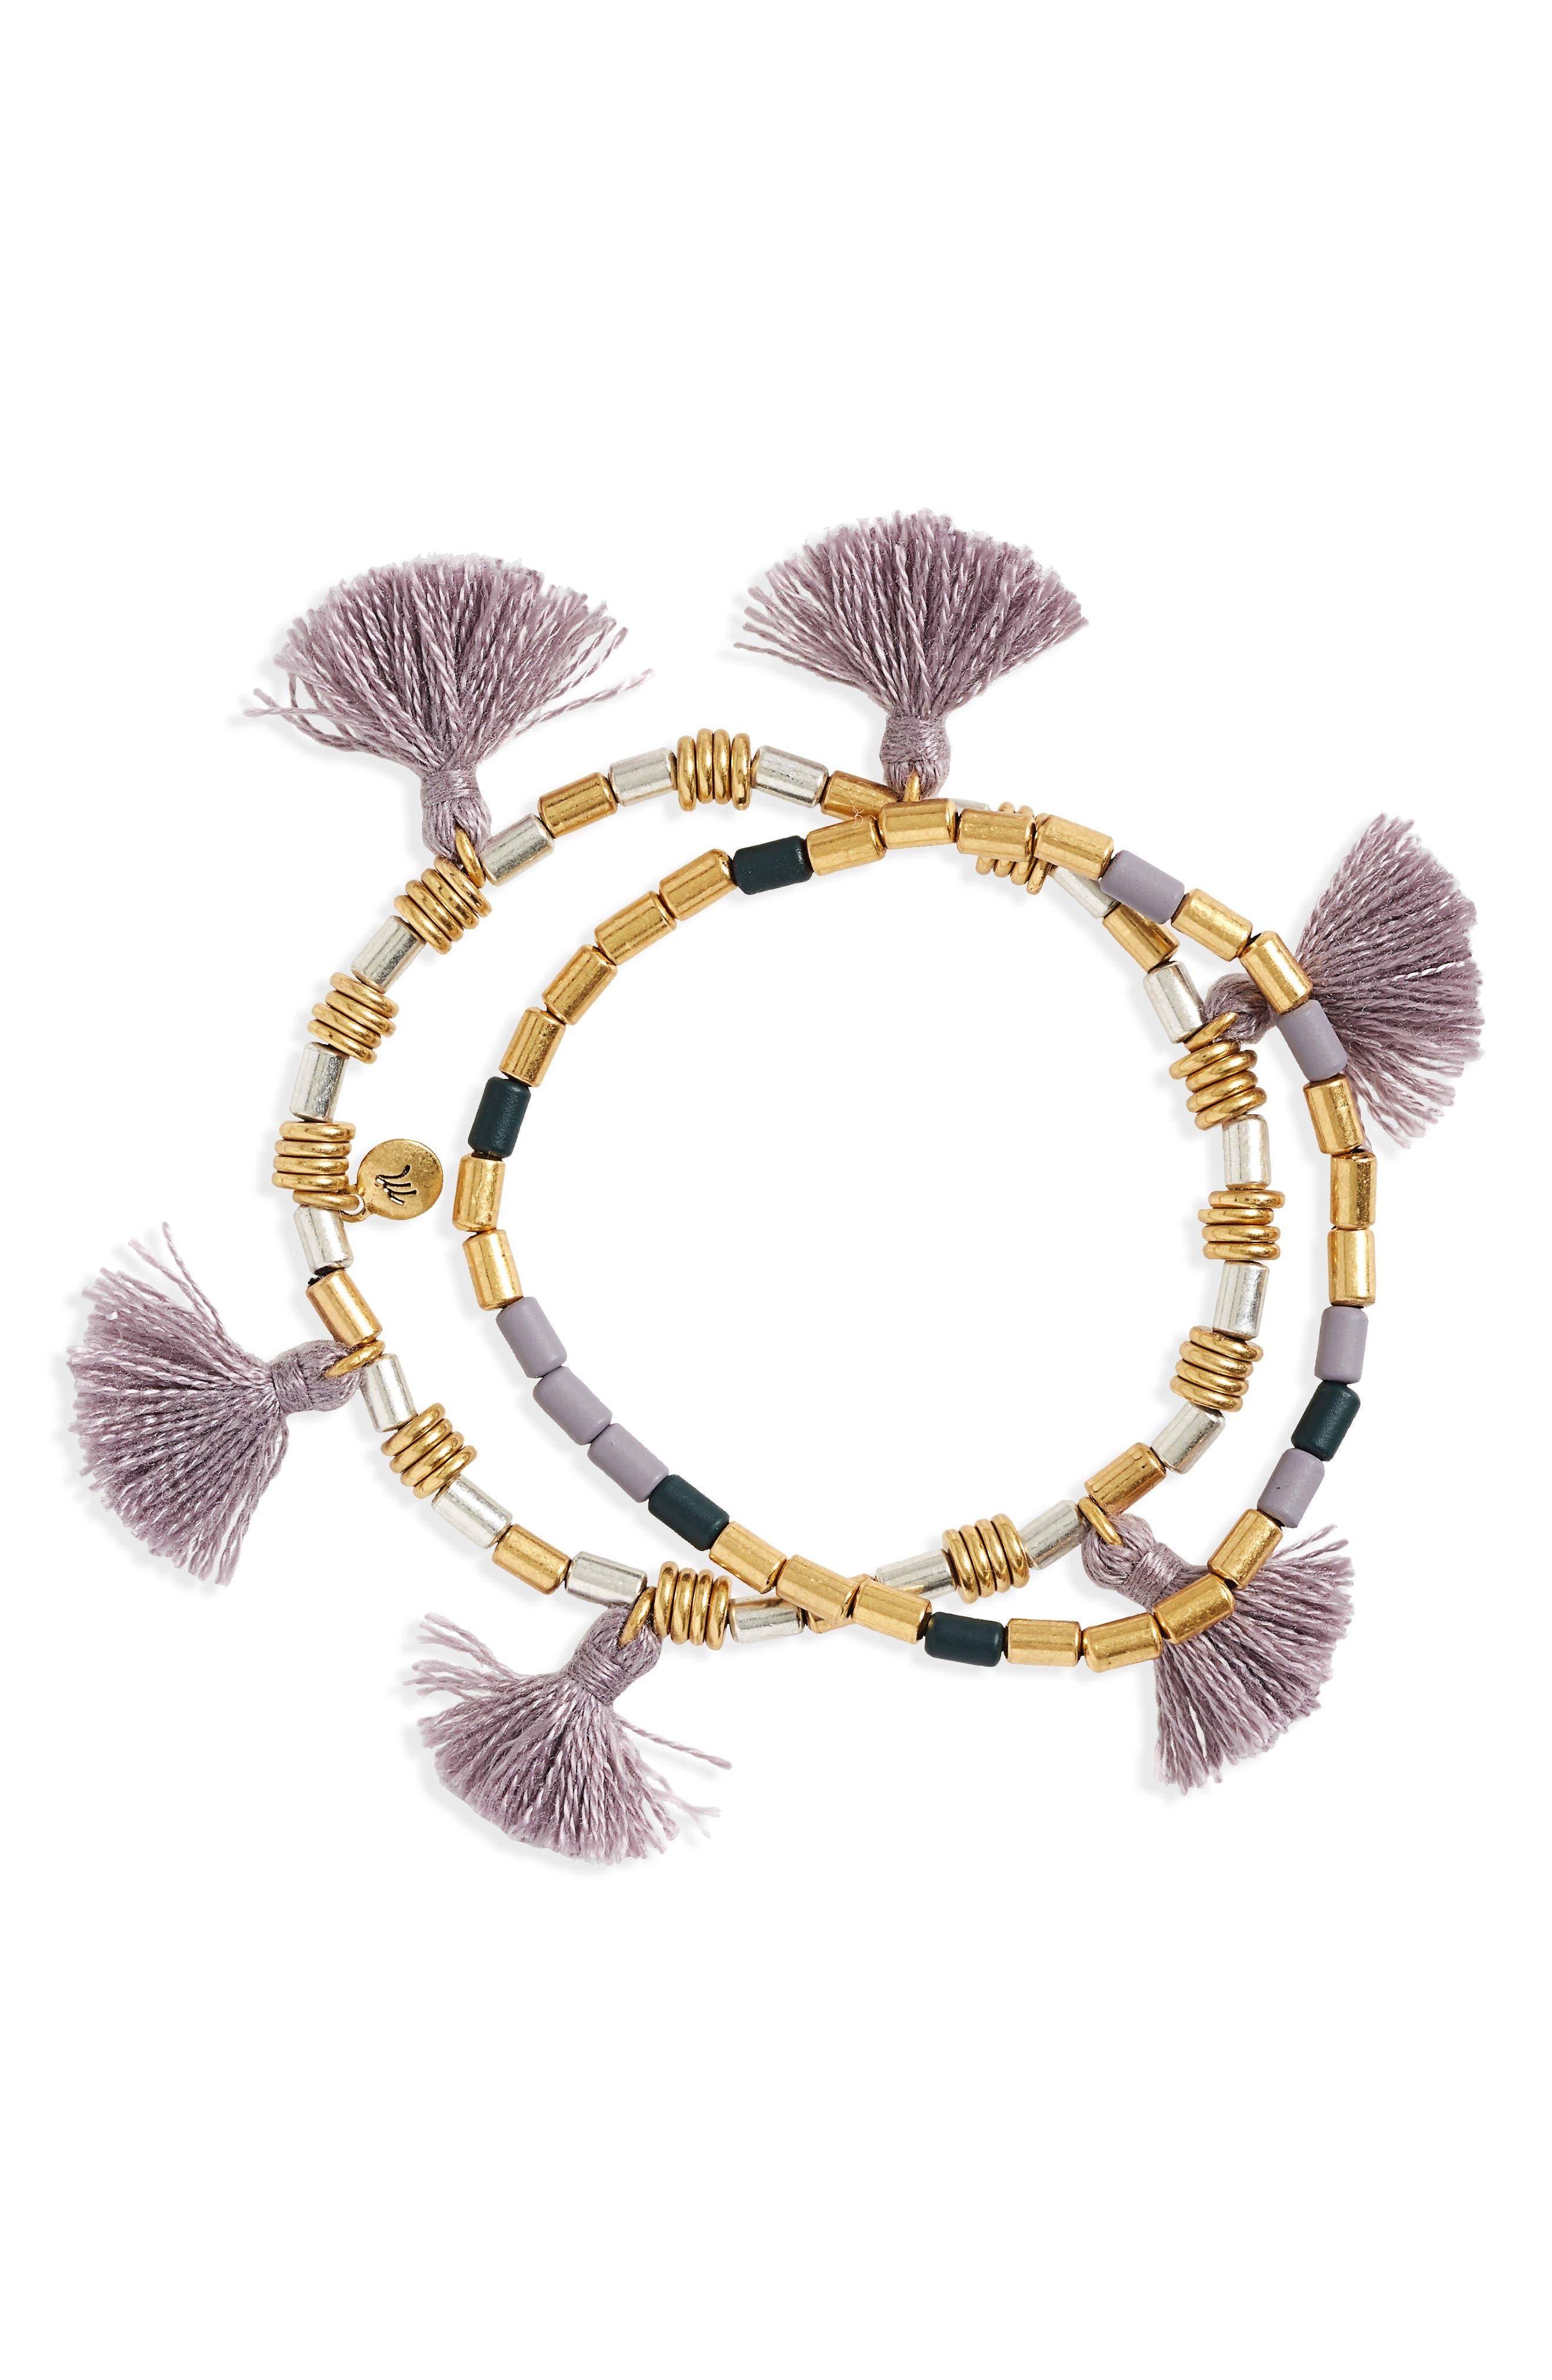 Main Image - Madewell Set of 2 Beaded Tassel Bracelets